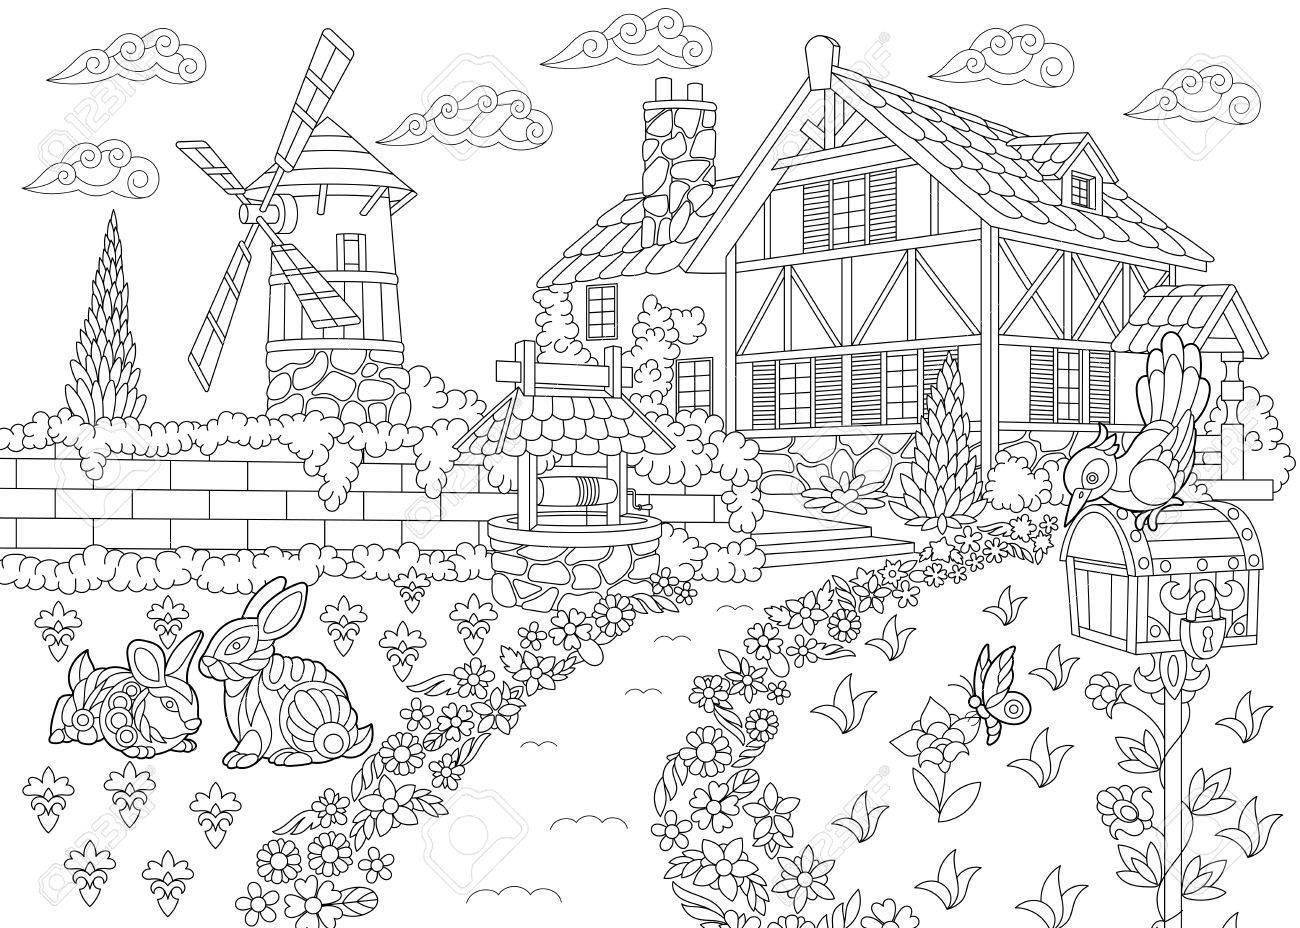 Dibujo Para Colorear De Paisaje Rural. Casa De La Granja, Molino De ...